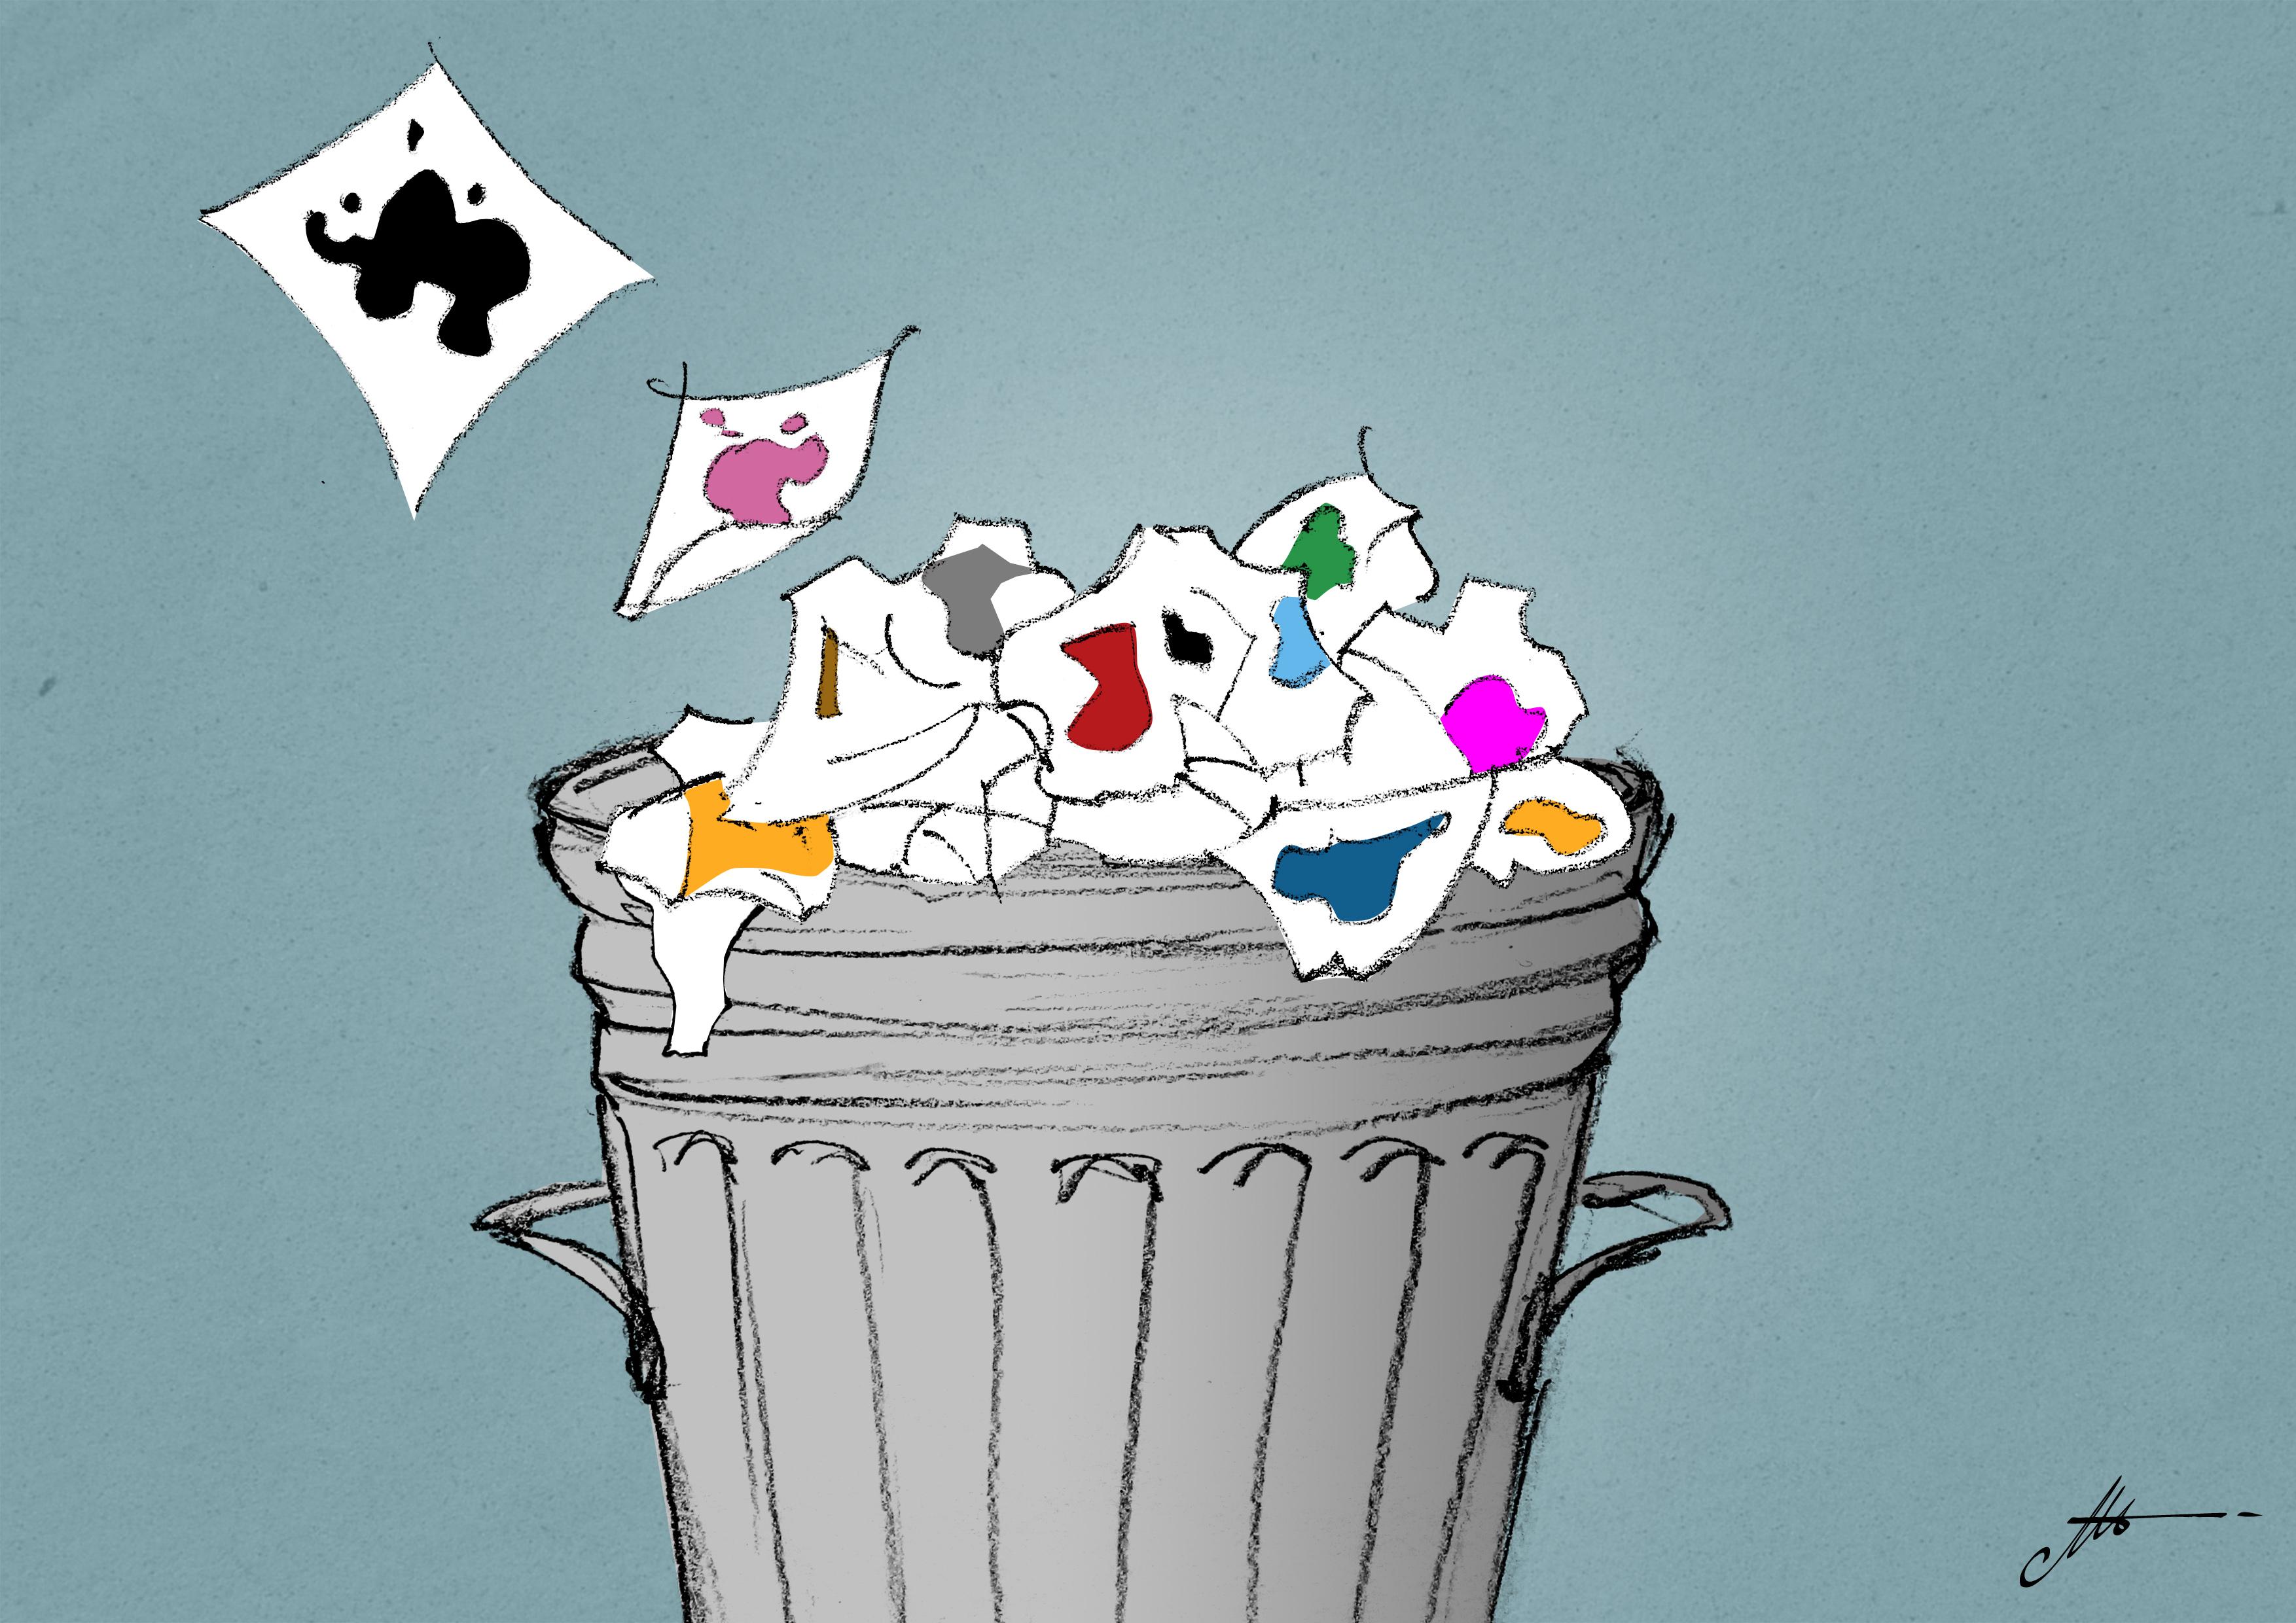 smaltire la carta sporca di inchiostro serigrafico